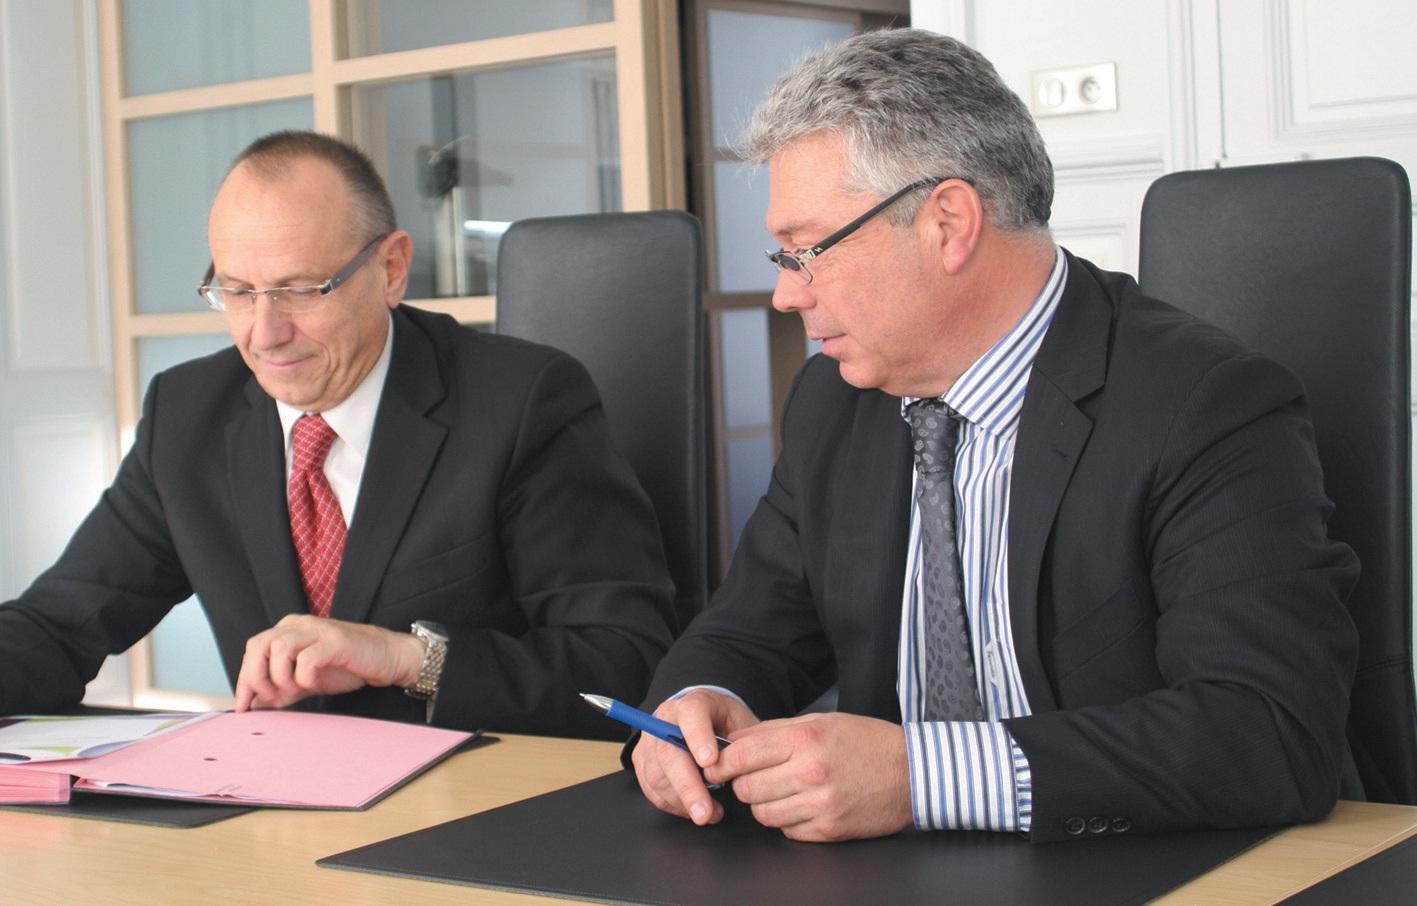 Jean Niel, le directeur régional de Pôle Emploi Lorraine (à gauche), et François Petitjean, le président de l'Ordre des expertscomptables de Lorraine, viennent de signer une convention de coopération lundi dernier.